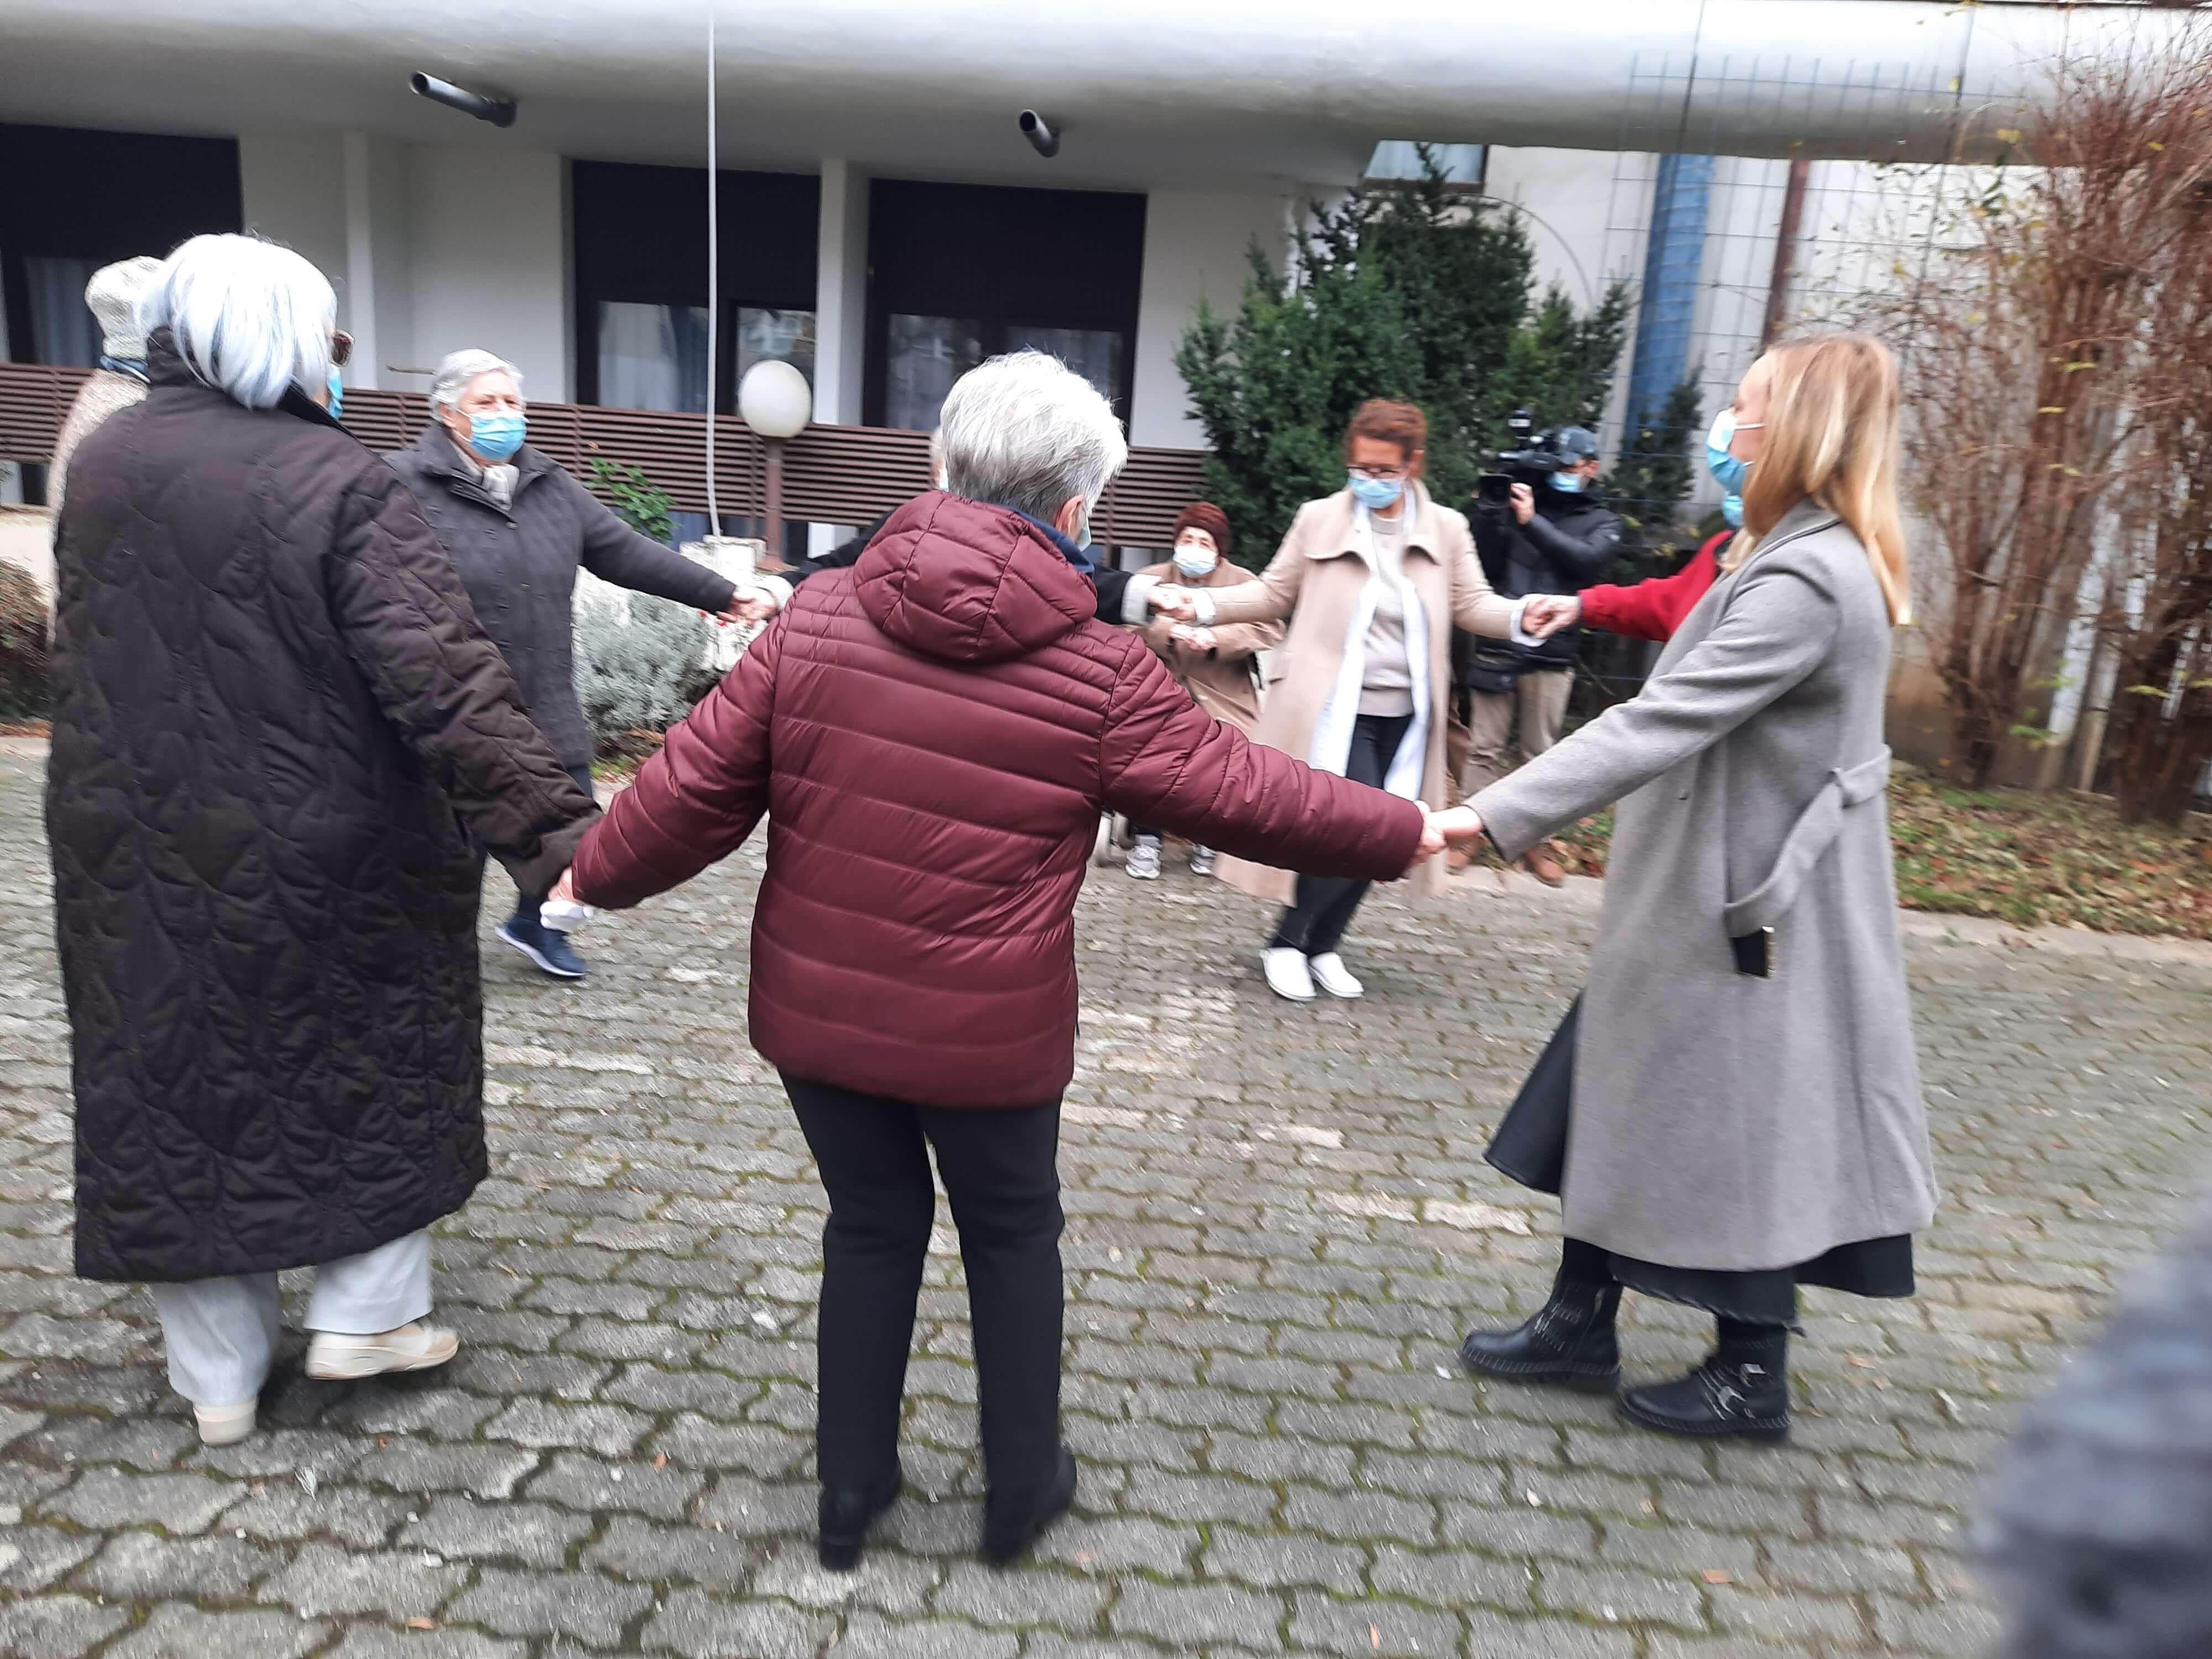 Tinejdžerice održale koncert u domu, umirovljenici čak i zaplesali